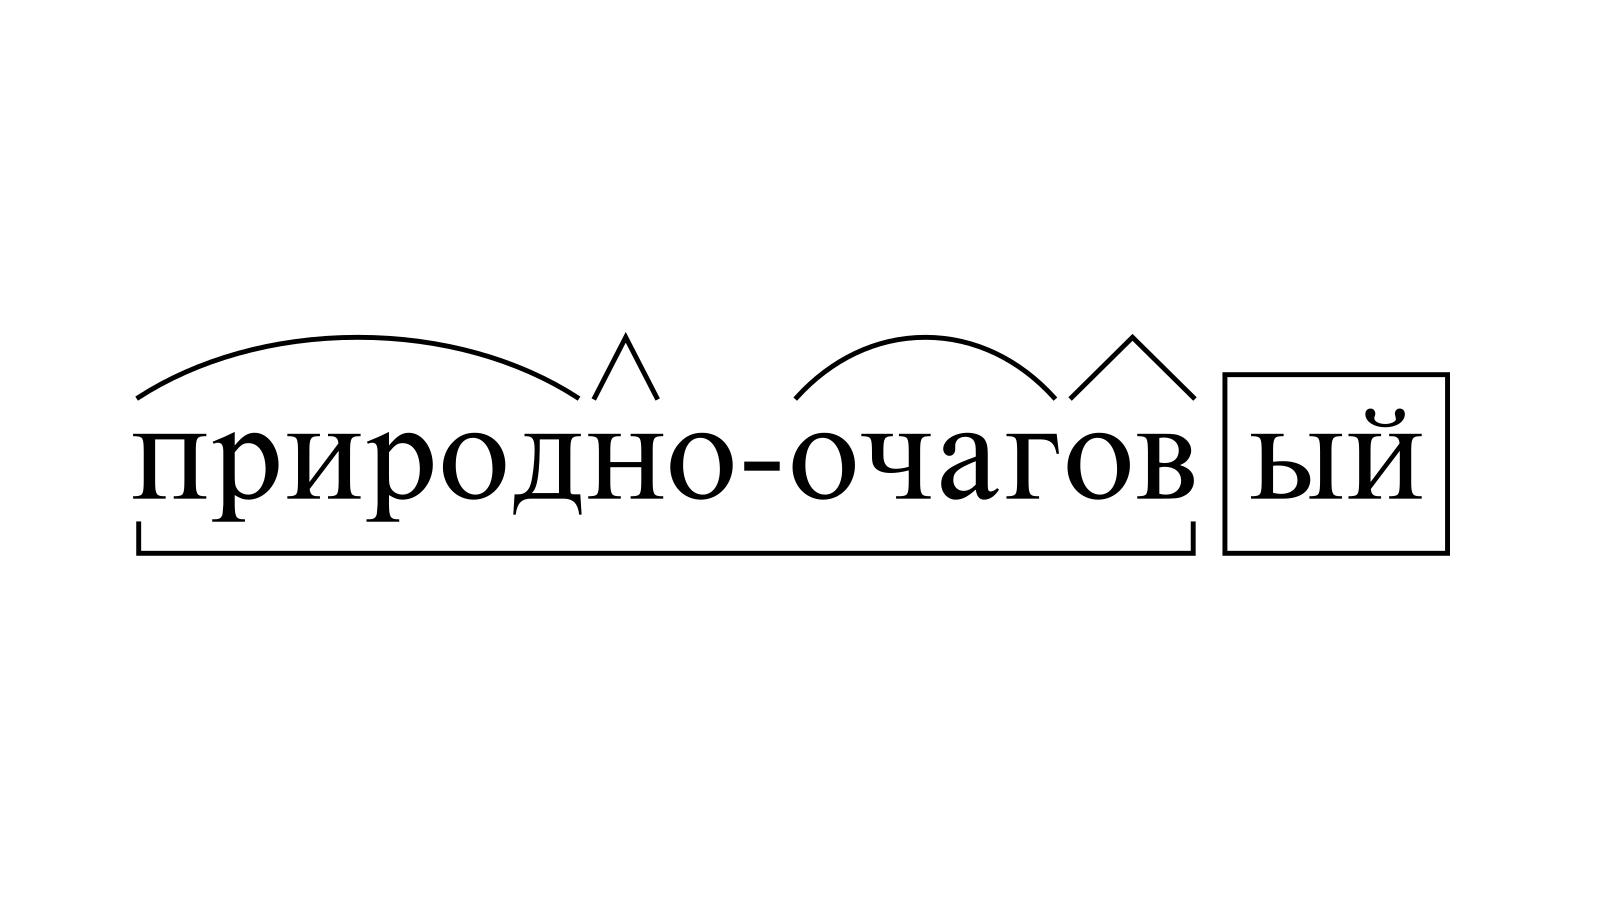 Разбор слова «природно-очаговый» по составу